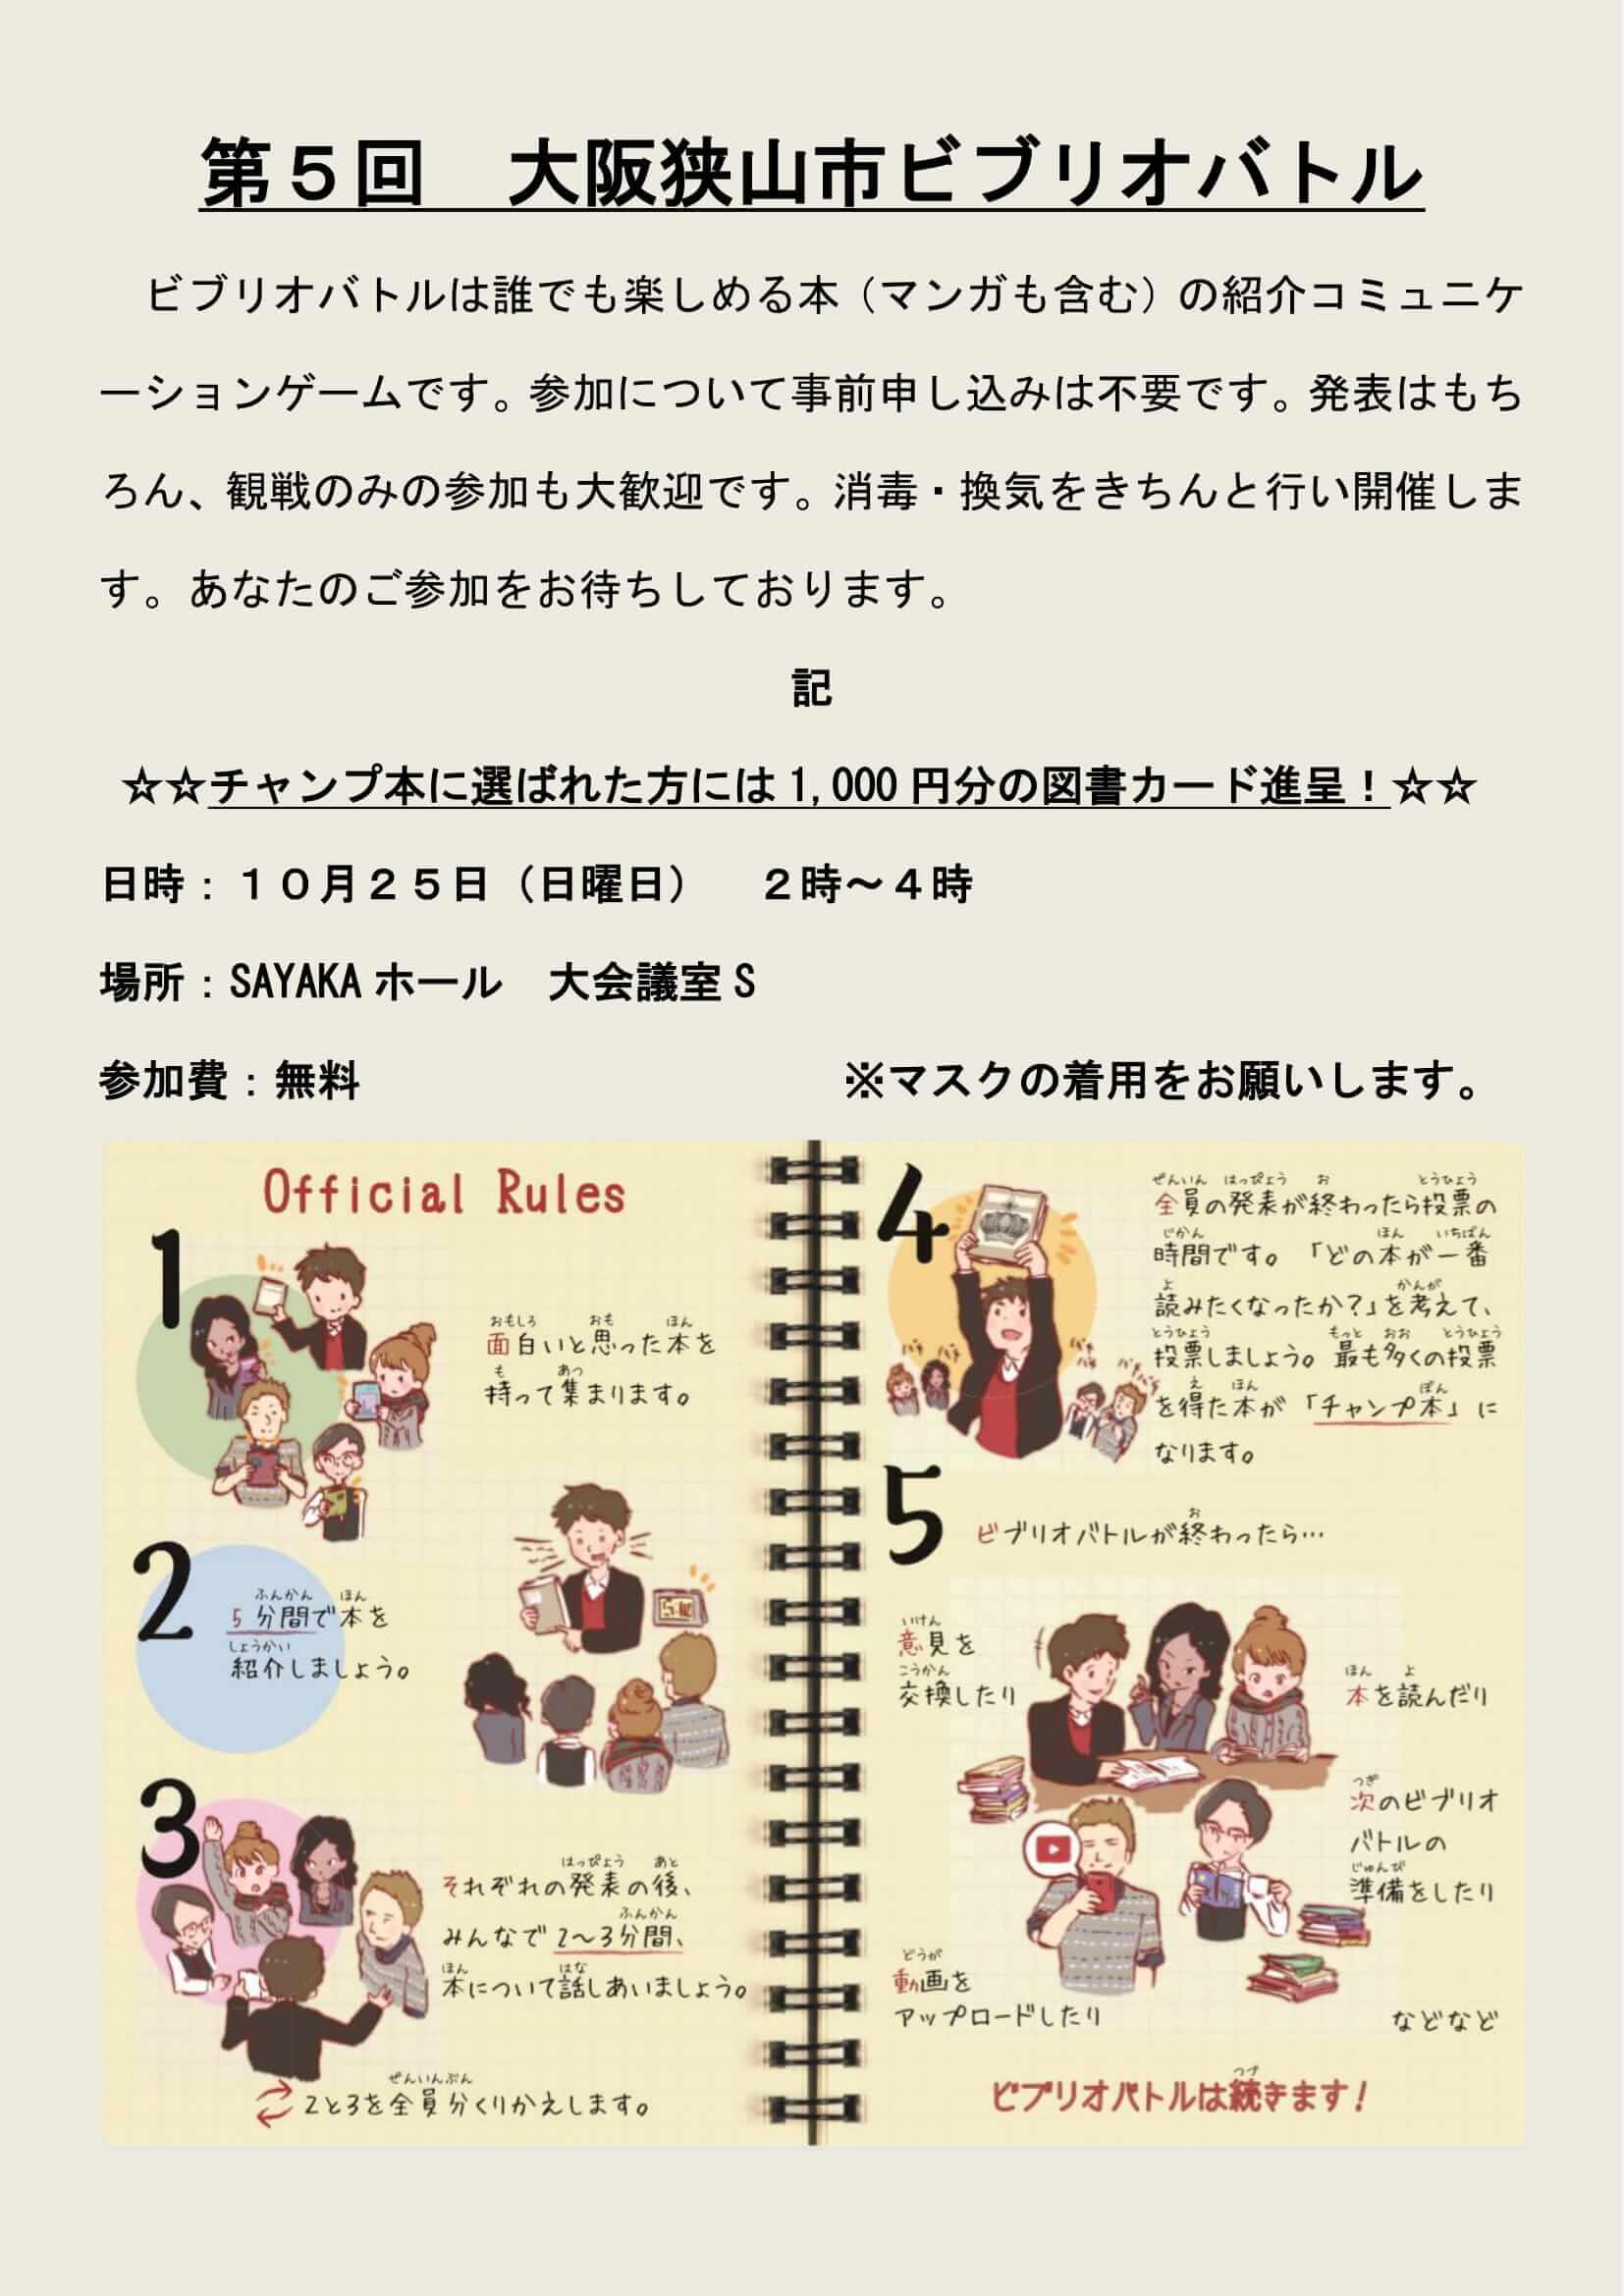 本の紹介コミュニケーションゲーム「第5回大阪狭山市ビブリオバトル」が2020年10月25日にSAYAKAホールで開催